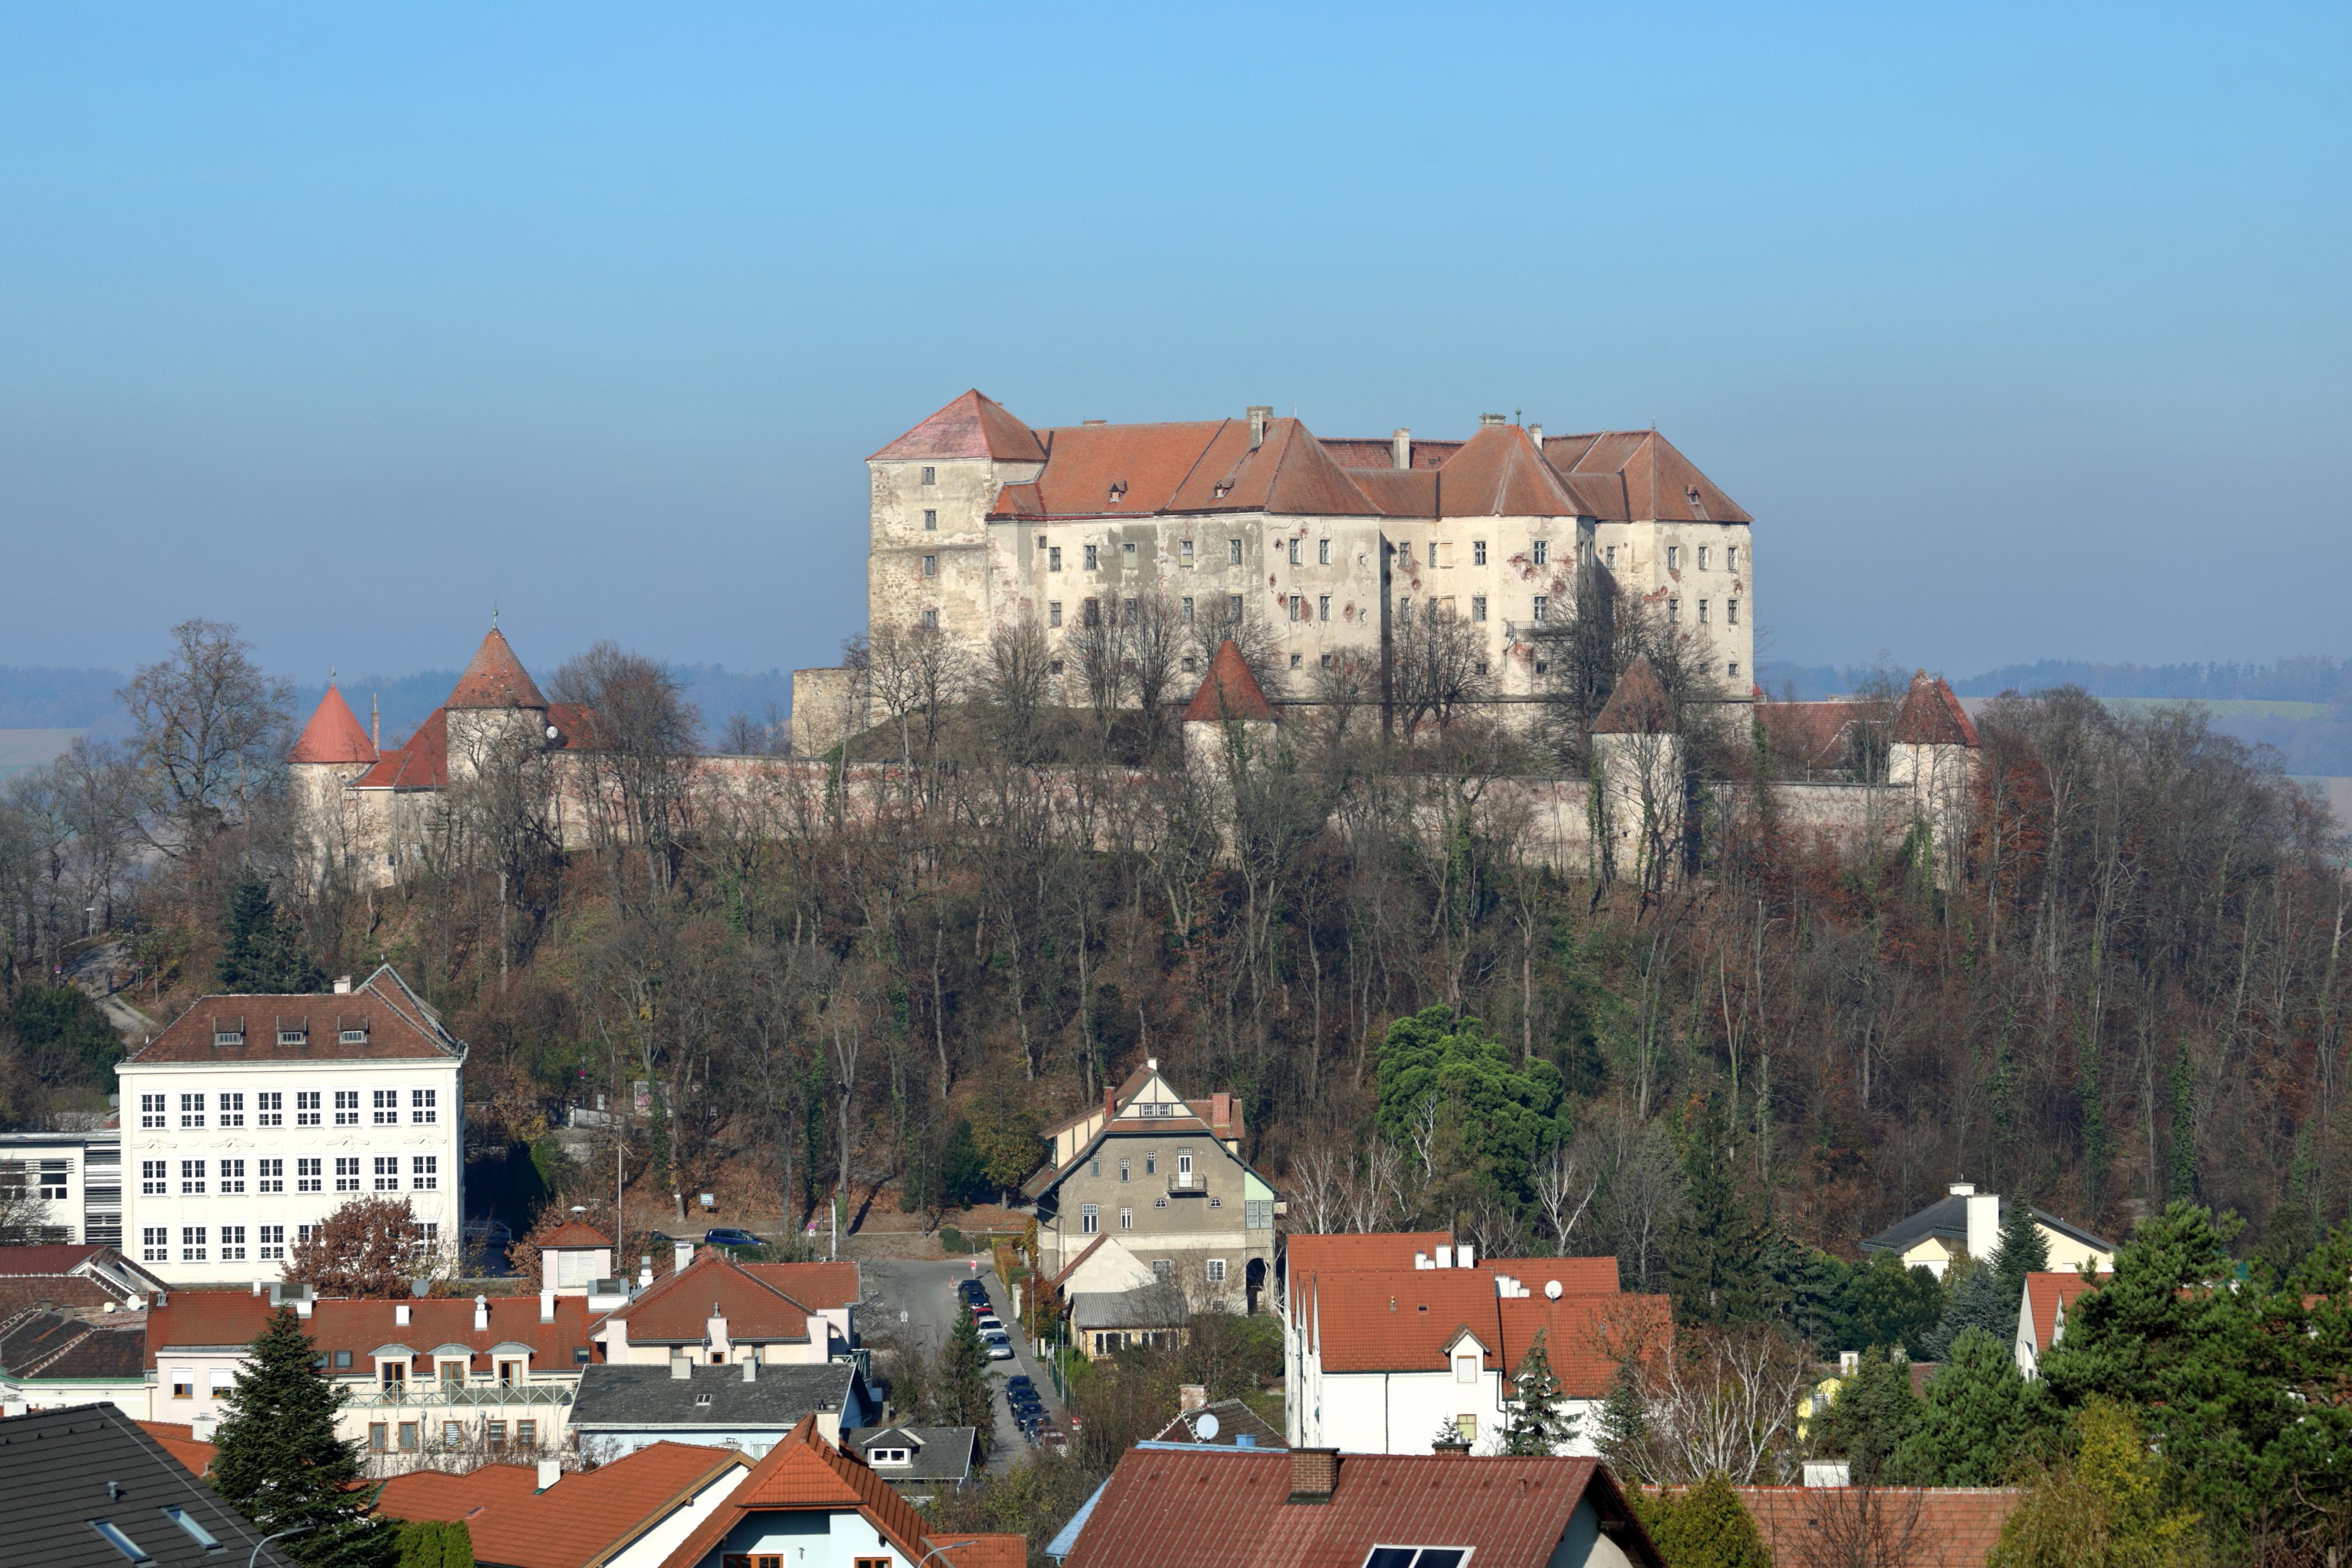 Stadtgreisslerei Brutschy - Stadtgemeinde Neulengbach